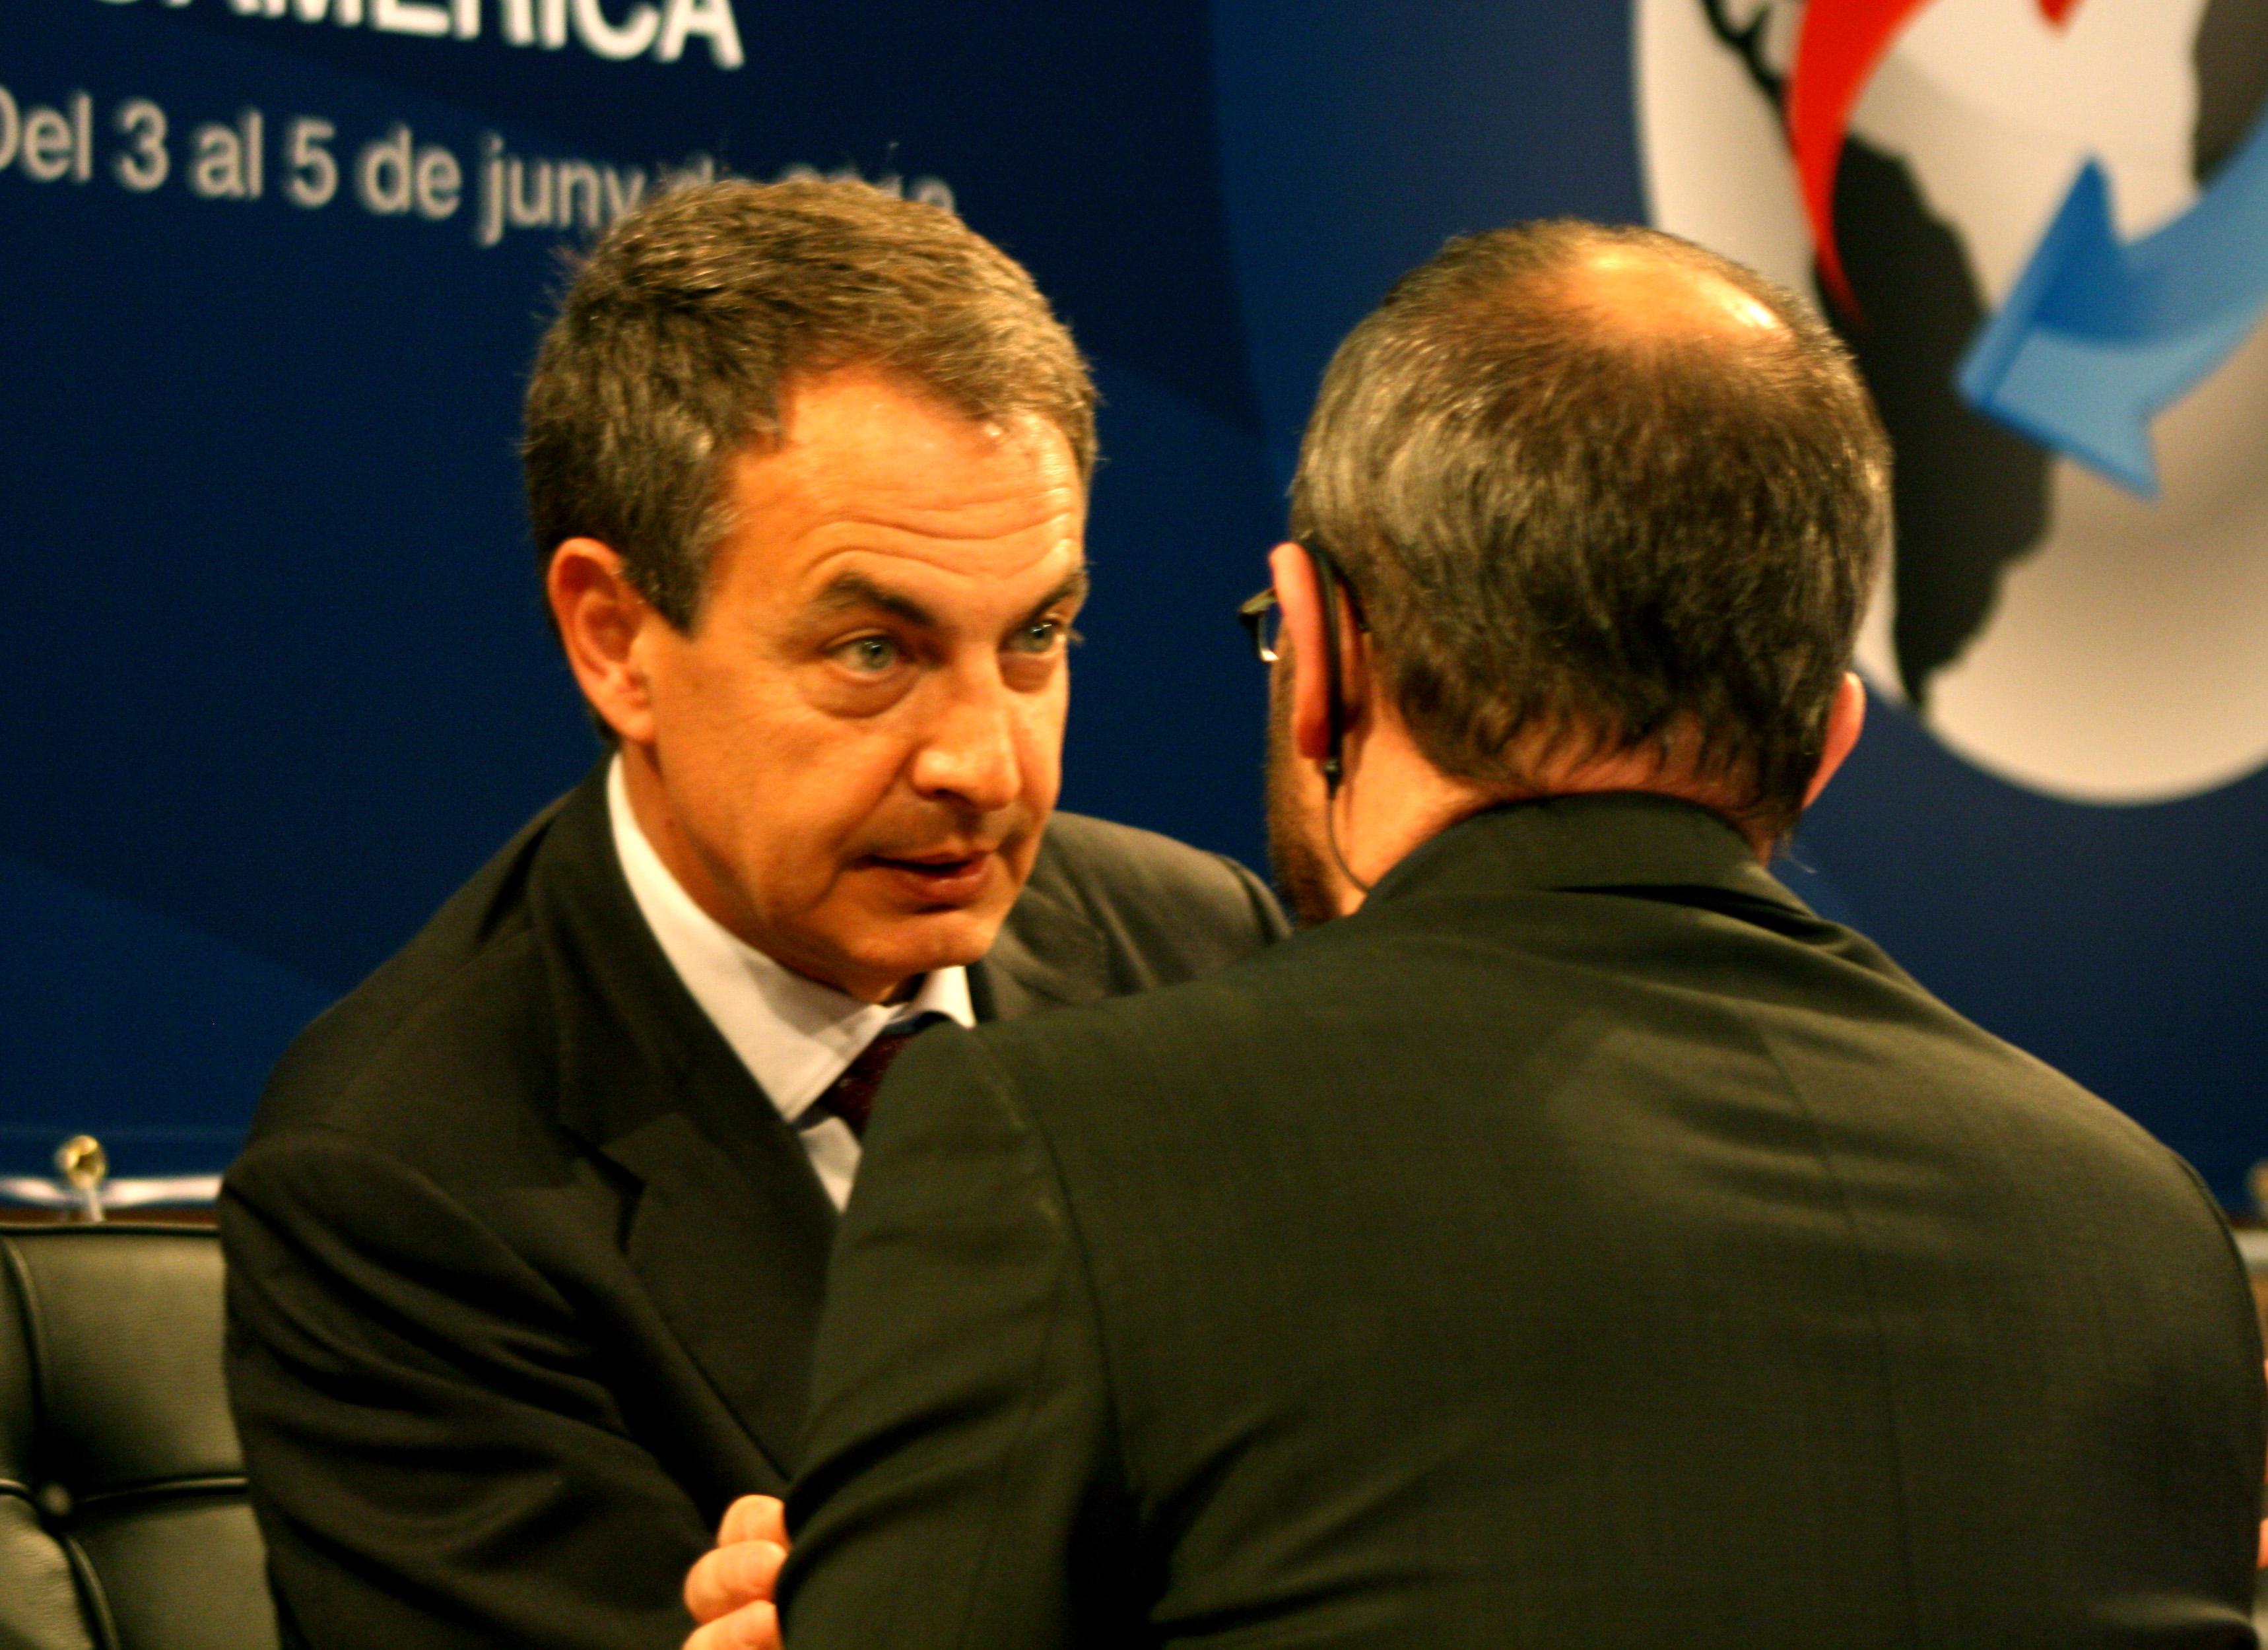 José Luis Rodríguez Zapatero / Foto: Laura Farré